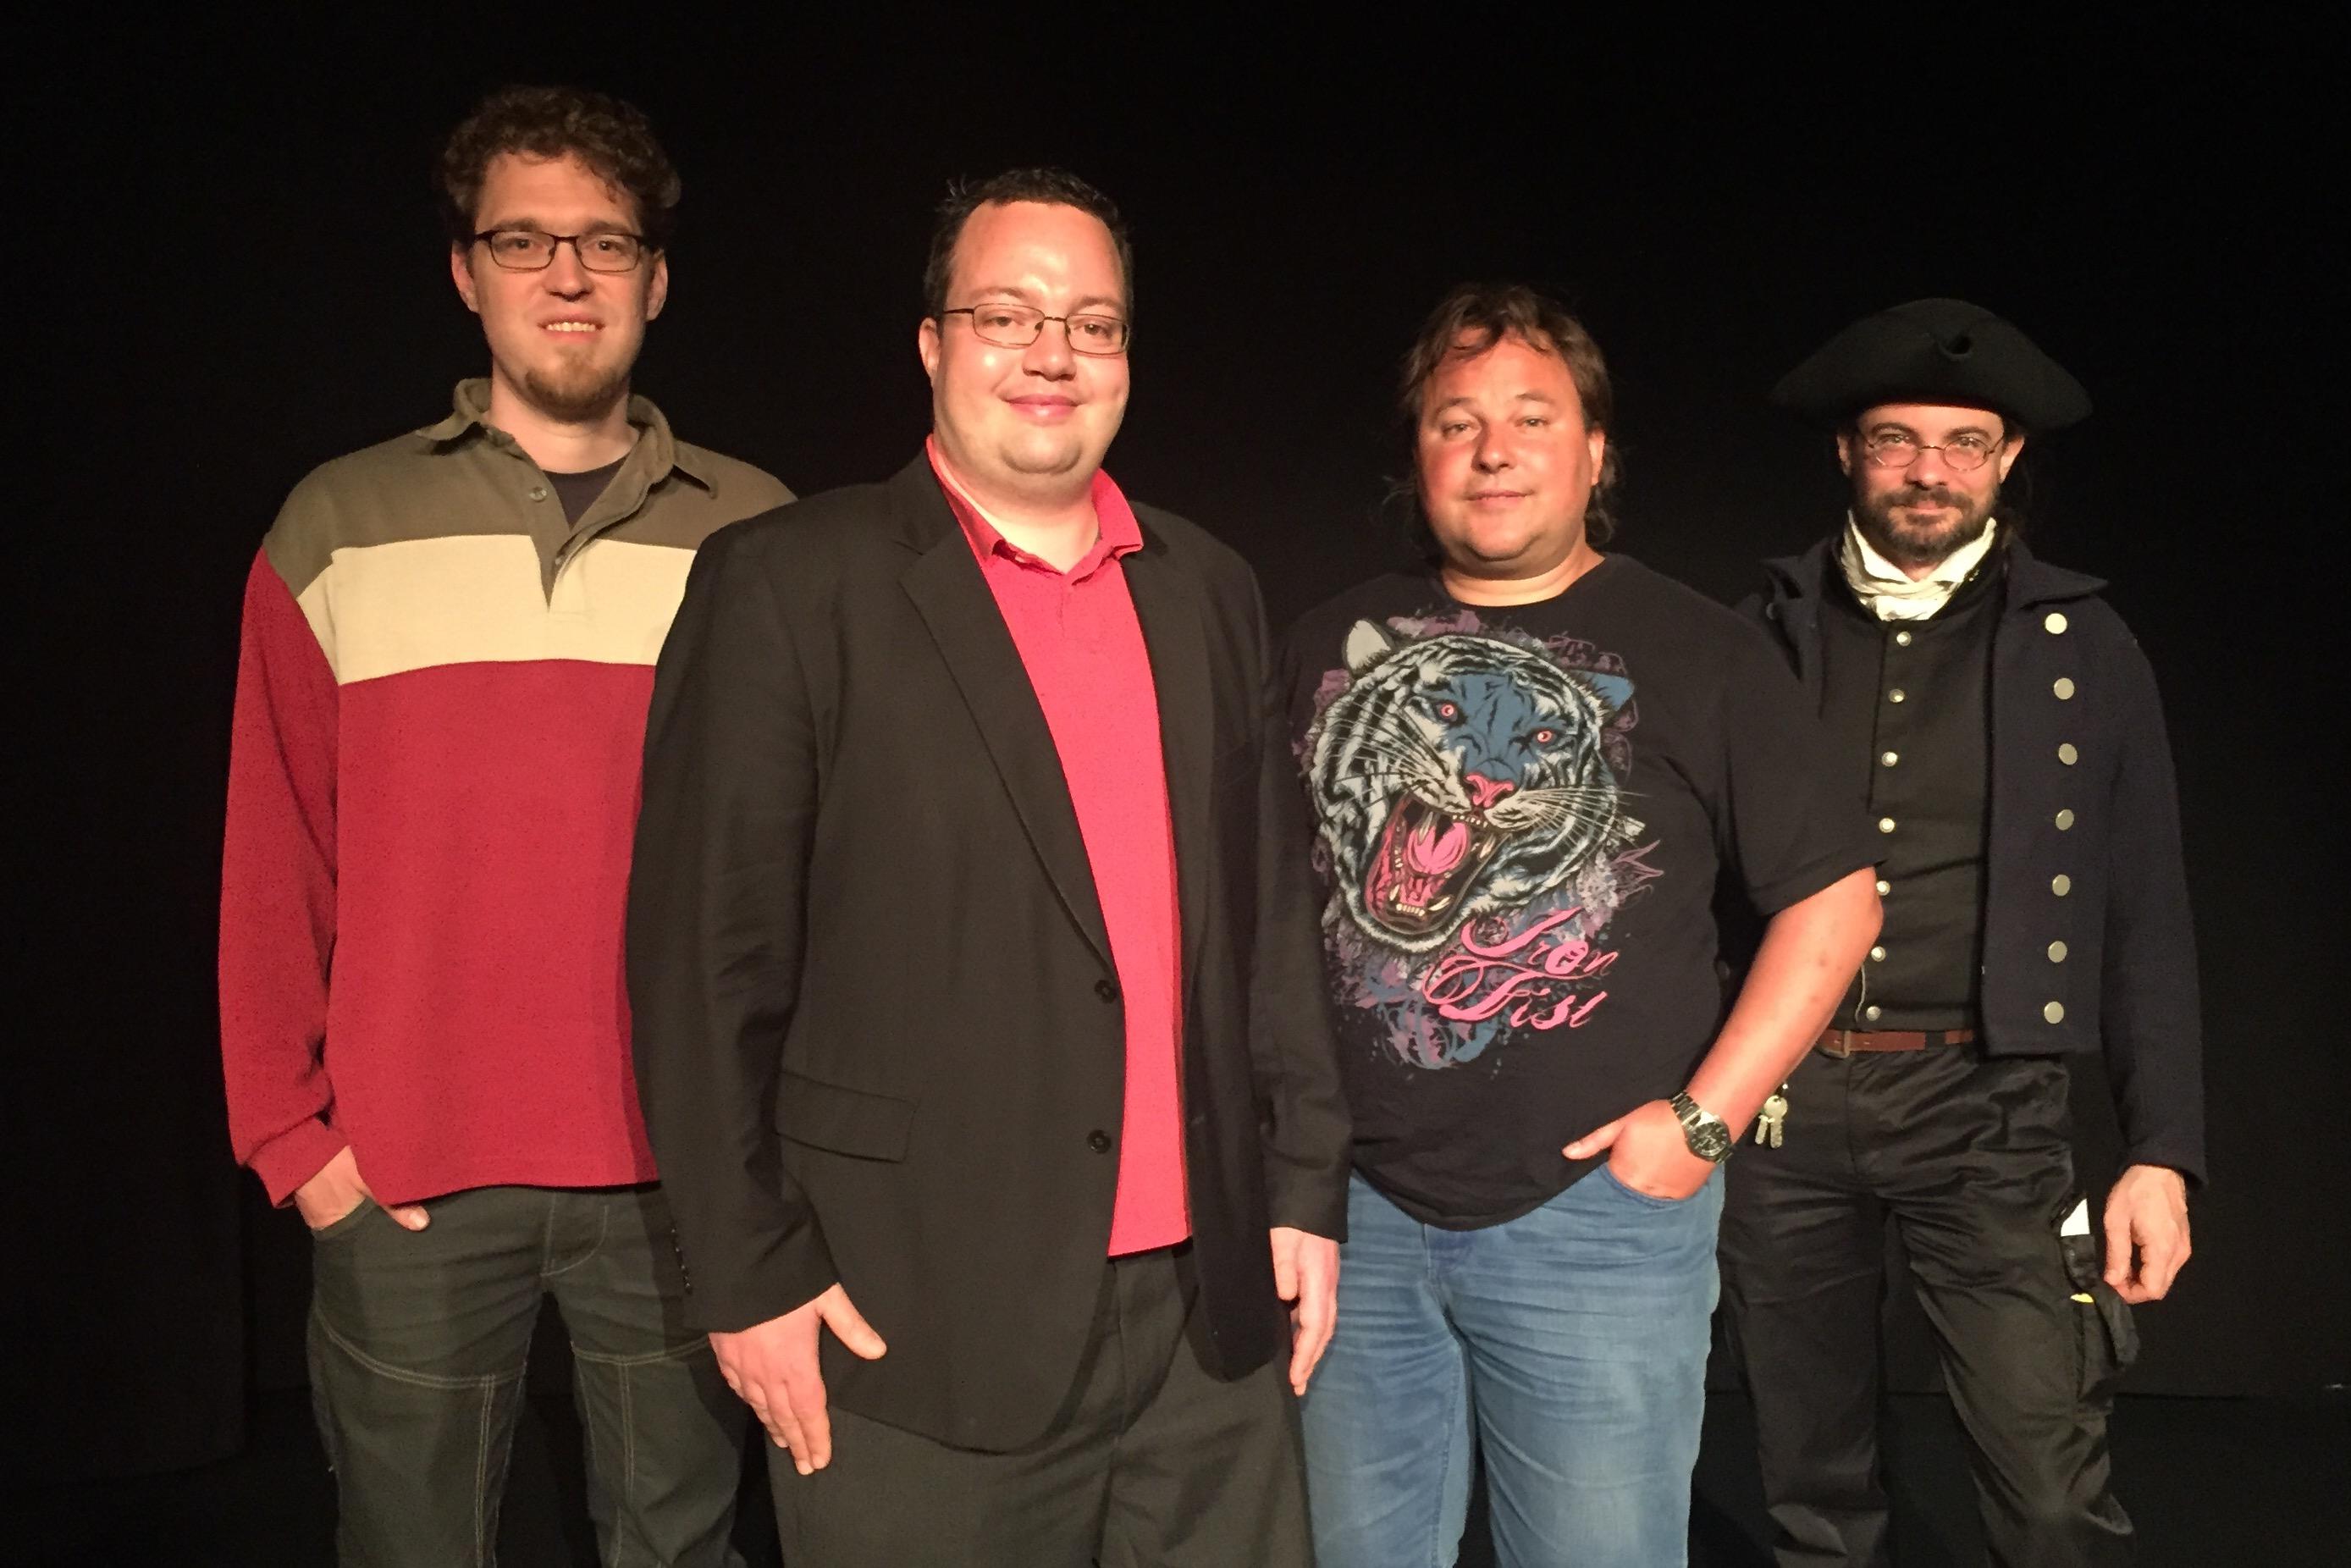 Spitzenkandidaten der Piratenpartei Schweiz für den Nationalrat 2015